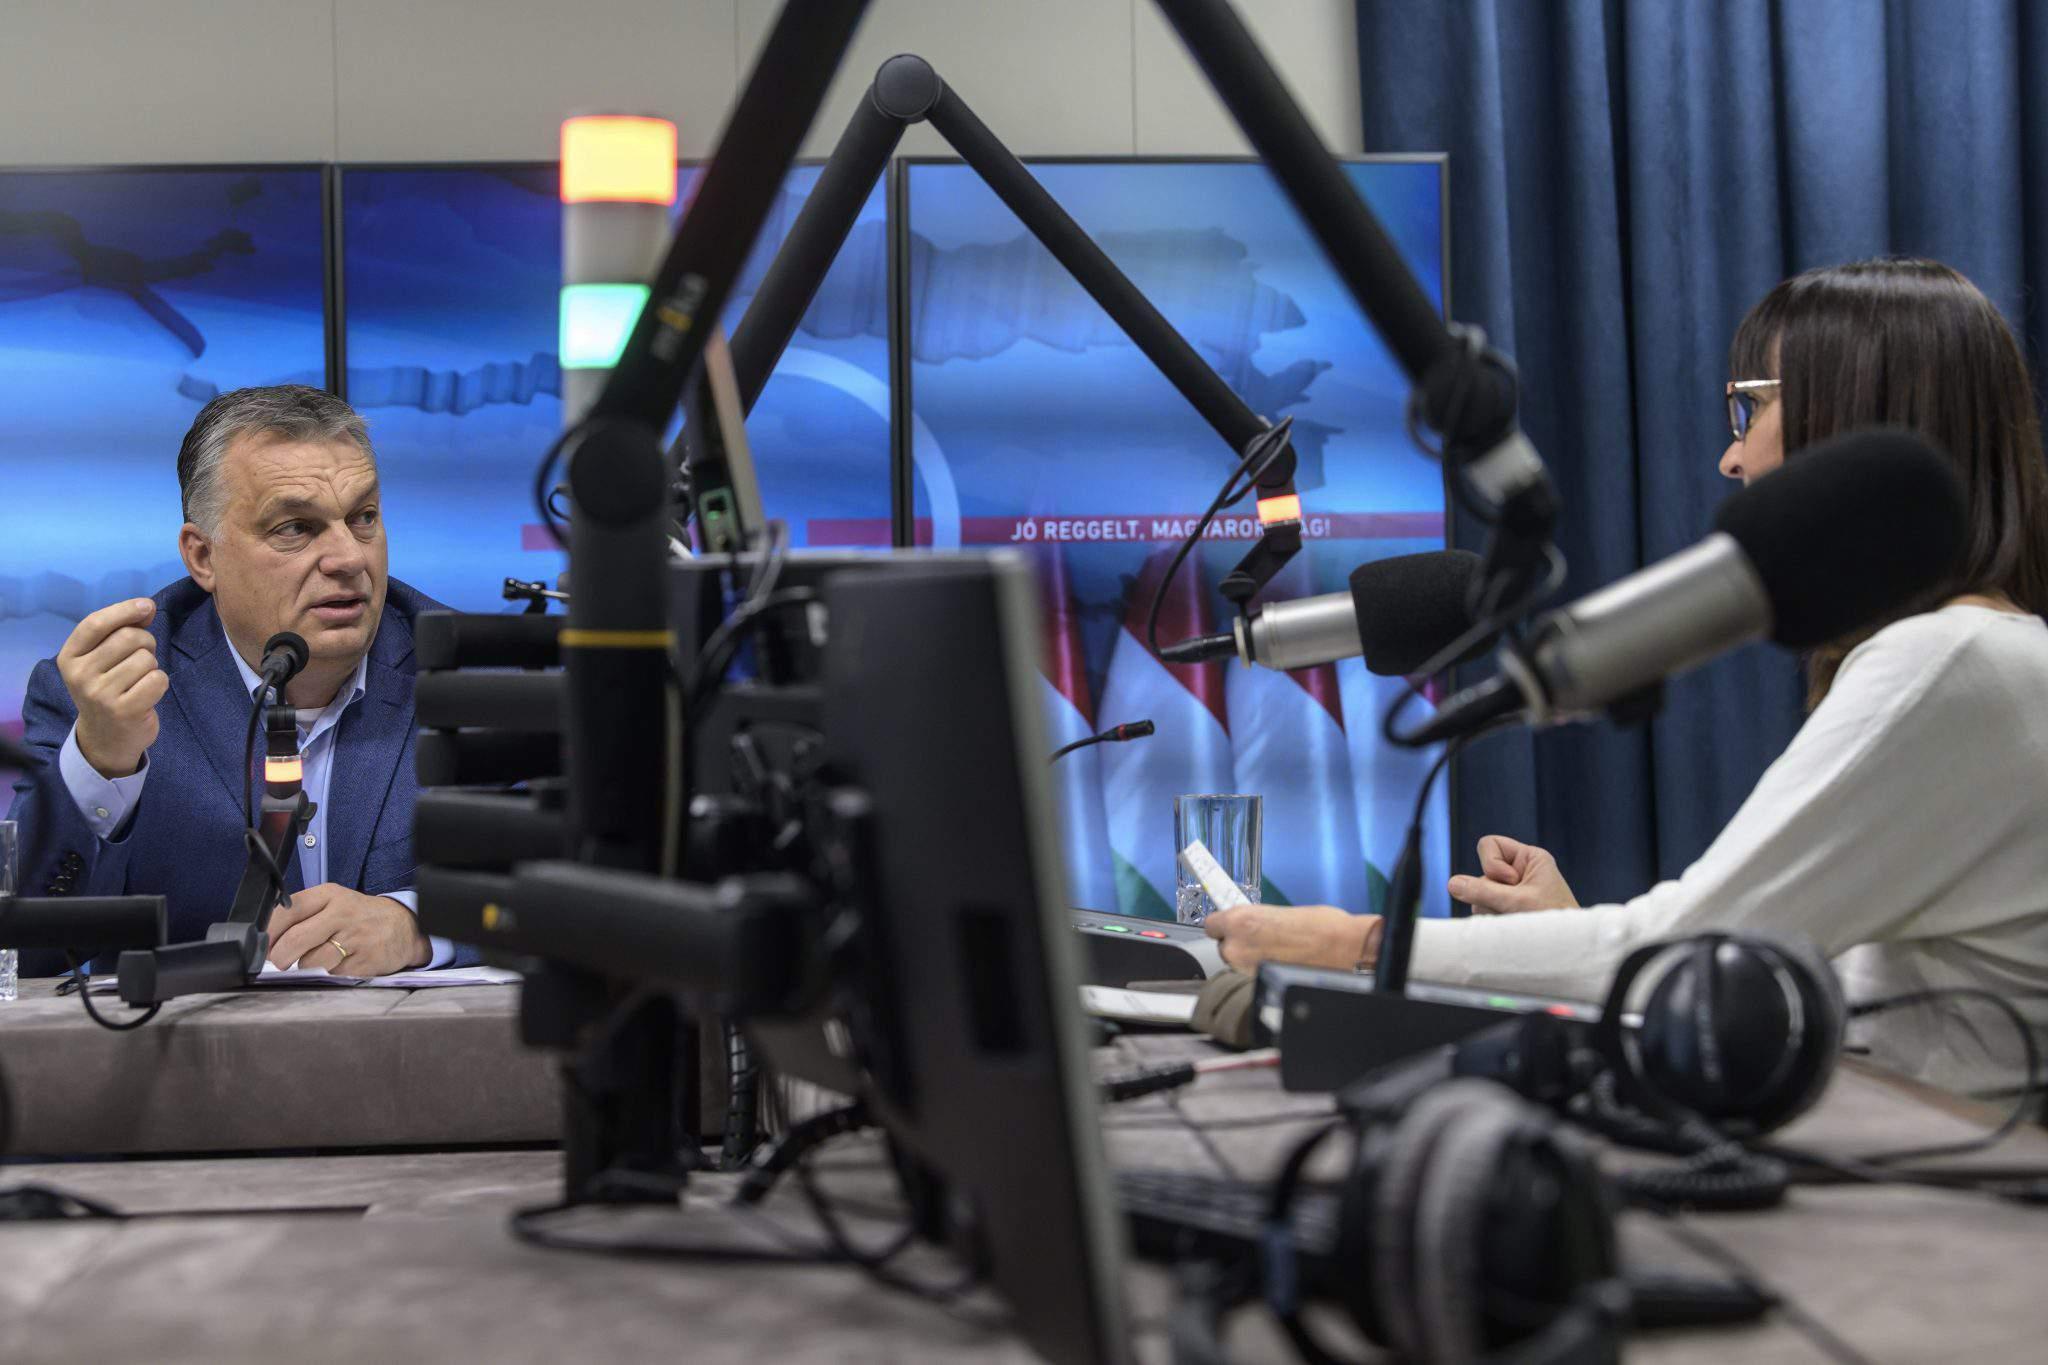 Orbán Kossuth Radio